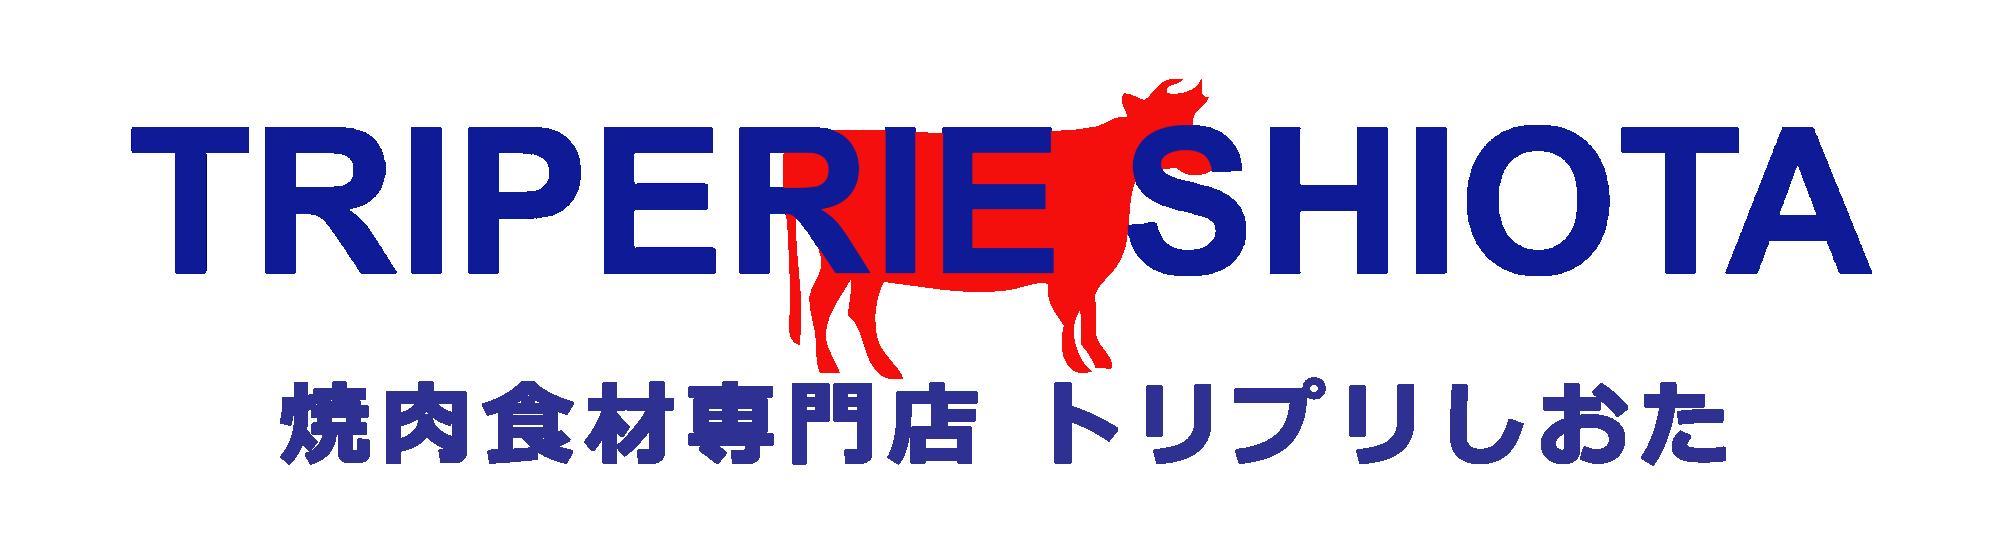 焼肉食材専門店 トリプリしおた | TRIPERIE SHIOTA